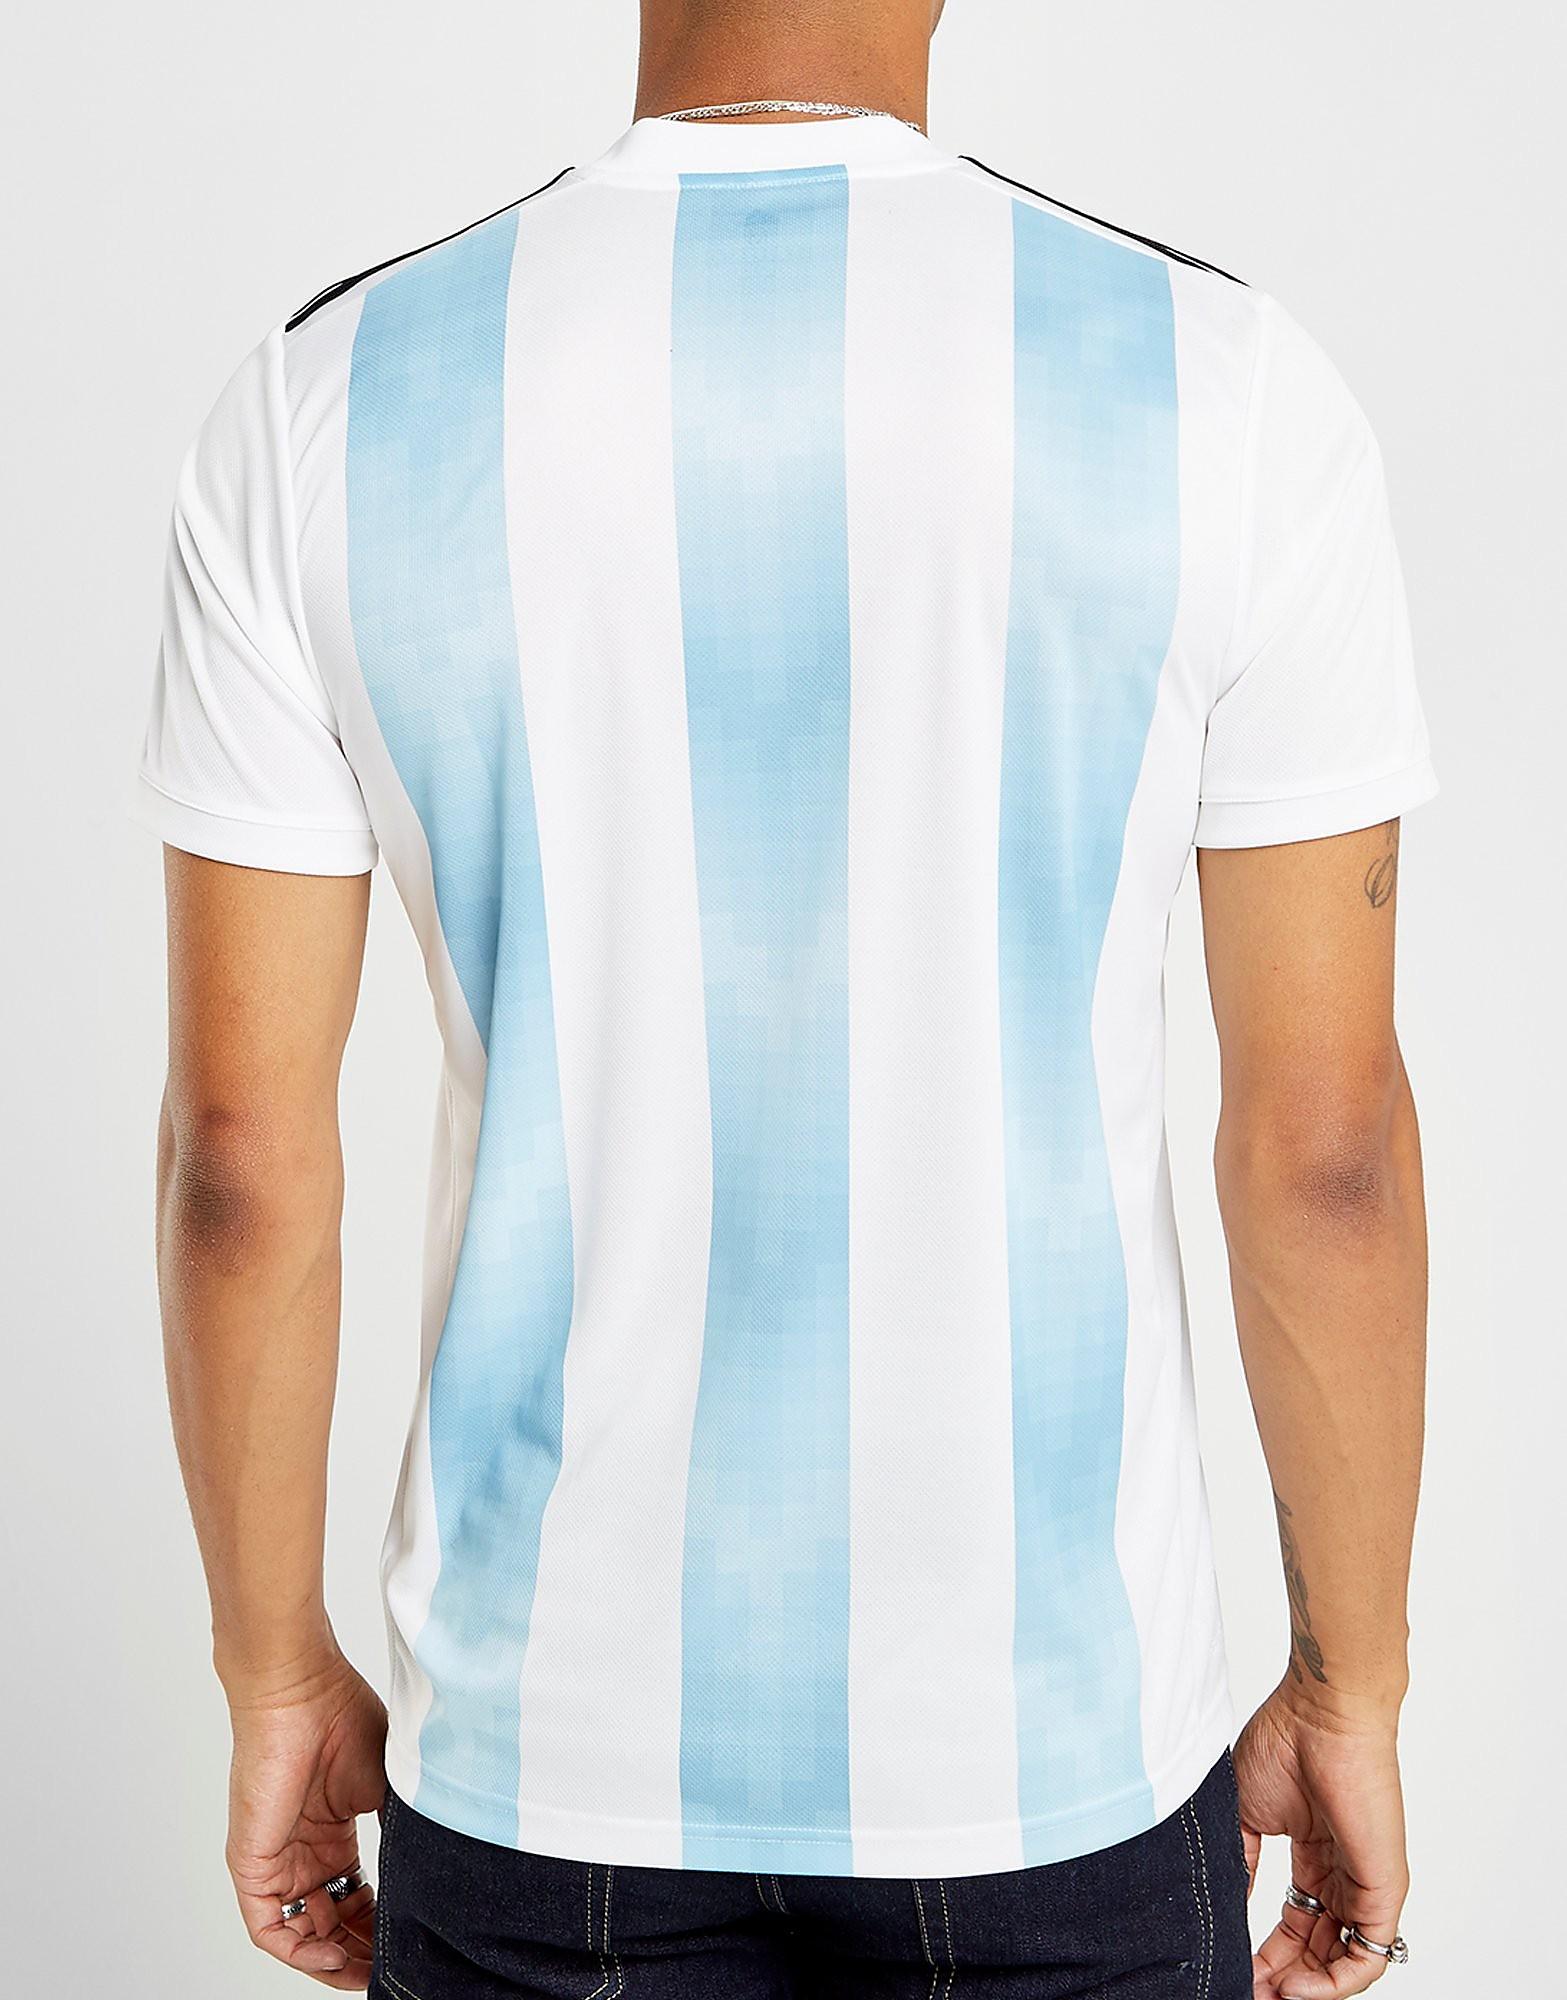 adidas Argentina 2018 Home Shirt PRE ORDER